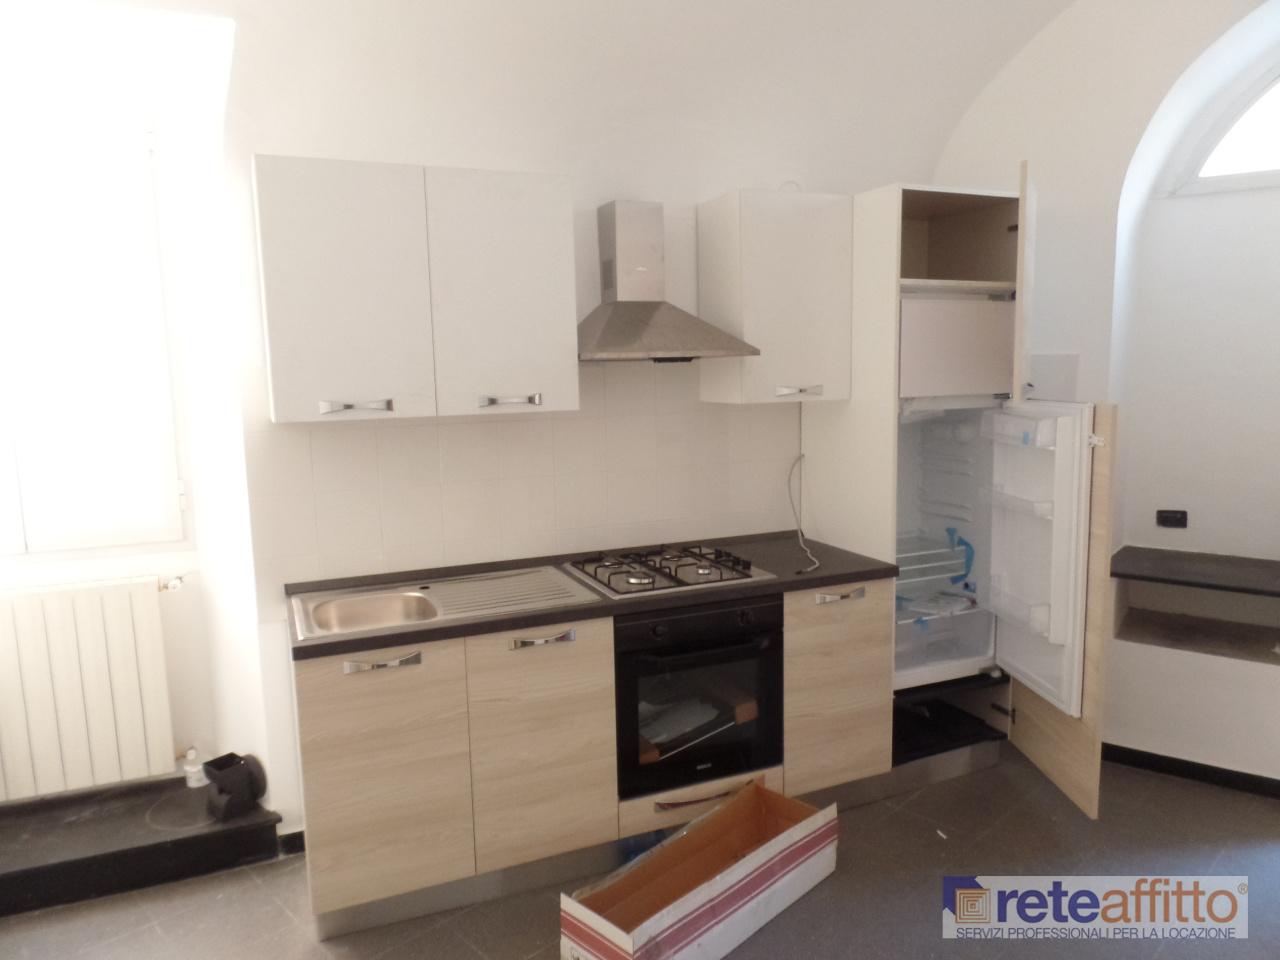 Appartamento in affitto a Pontedassio (IM)